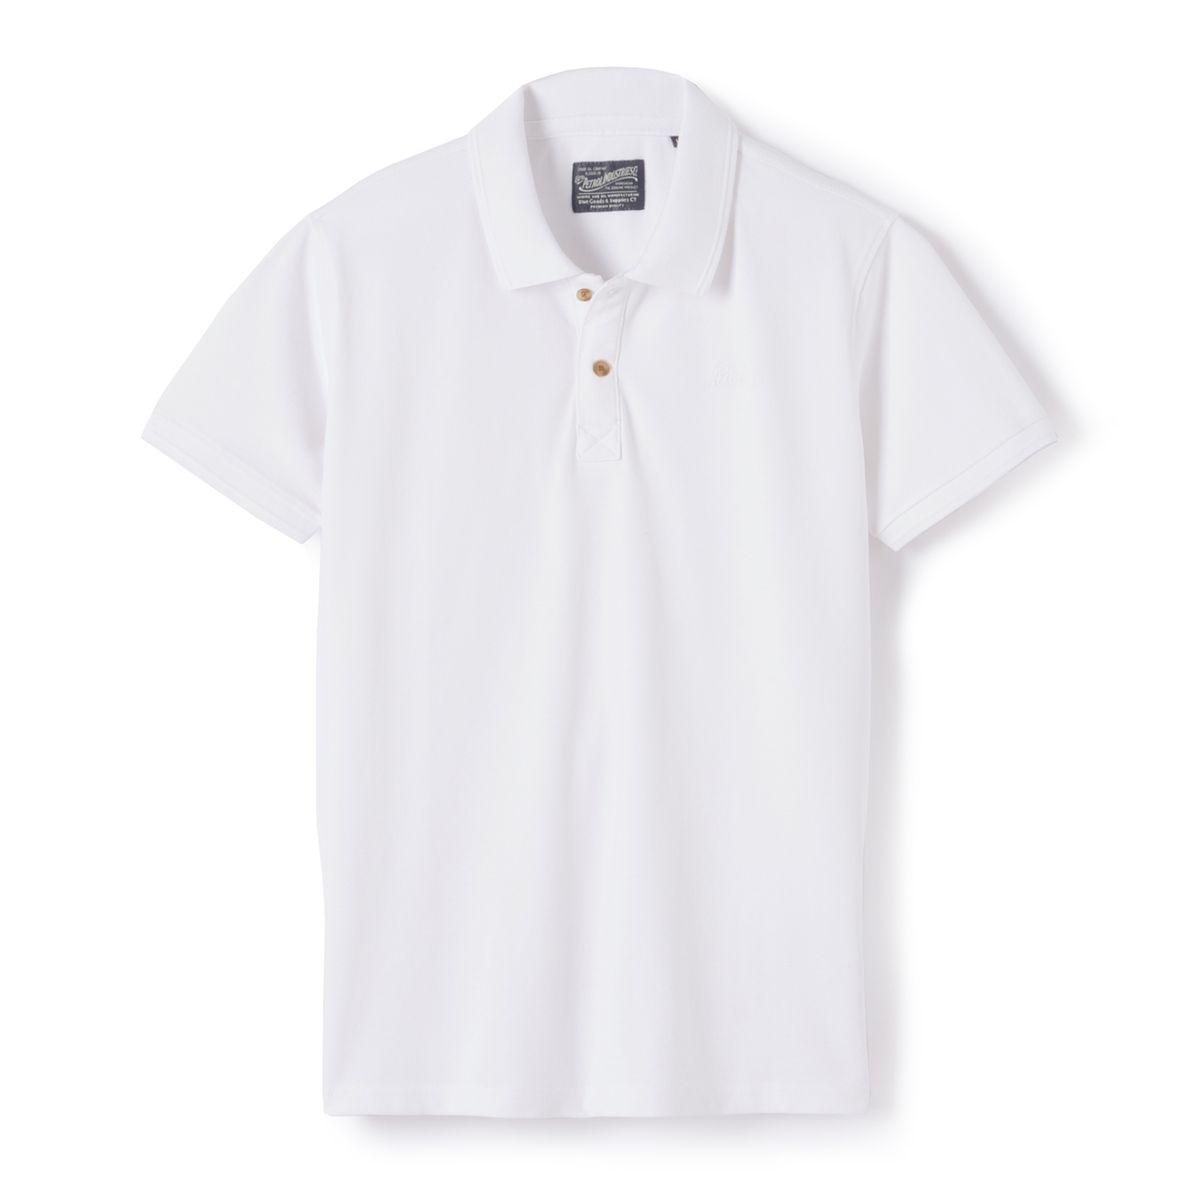 Polo avec logo brodé pur coton